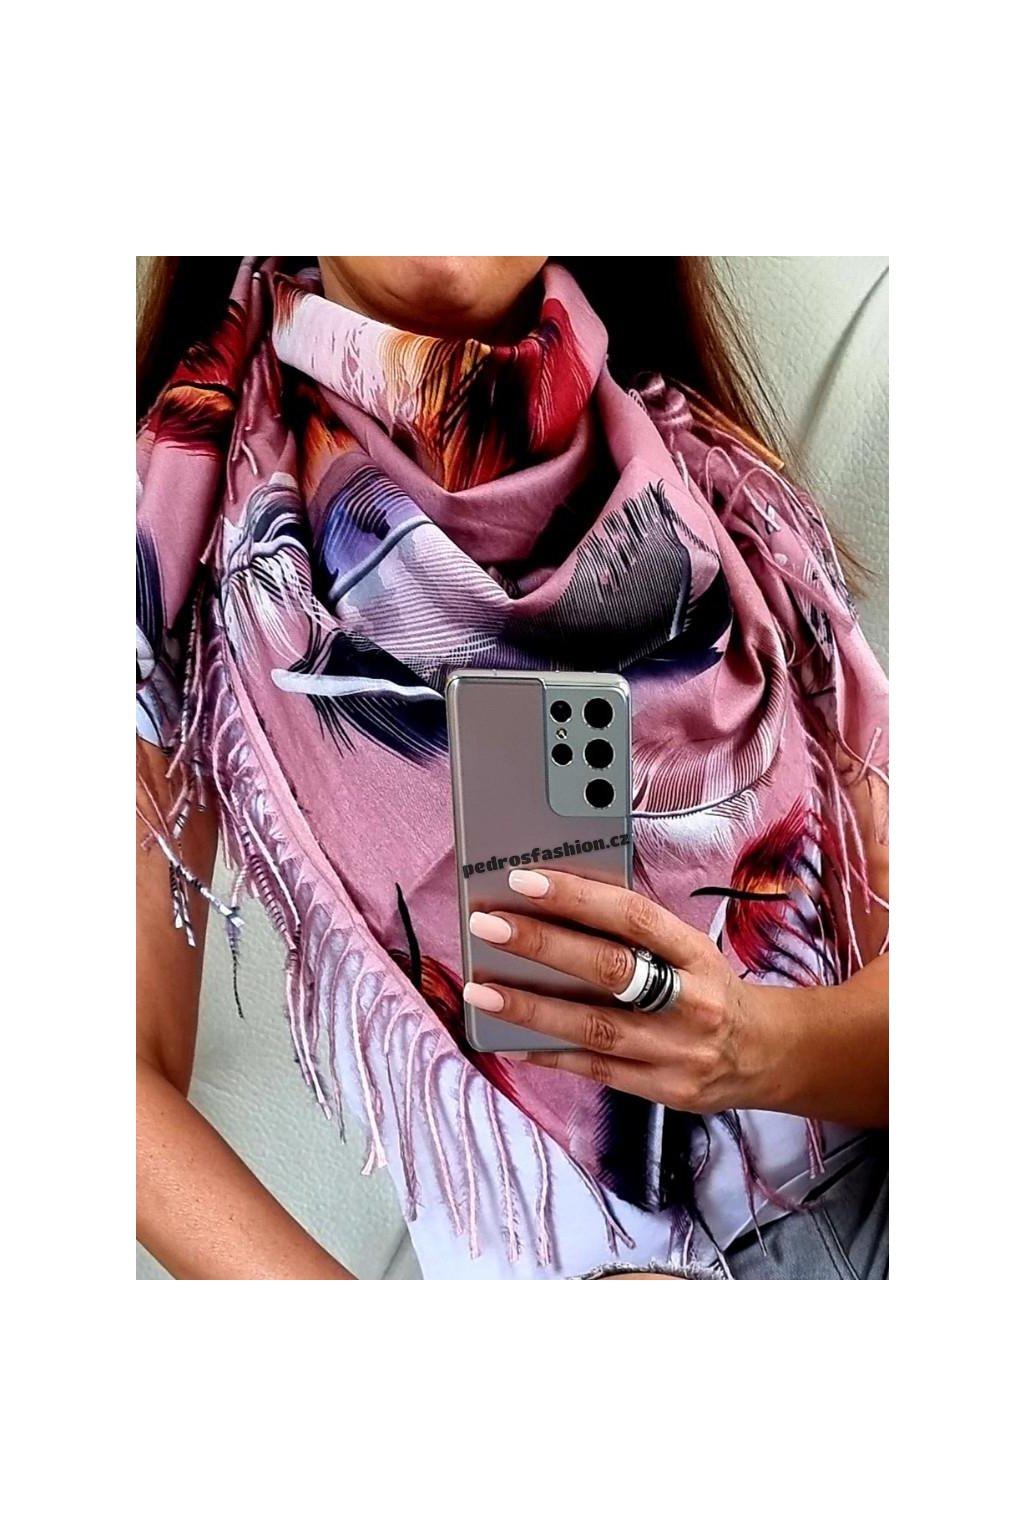 šátek trendy kašmír potisk peří růžový